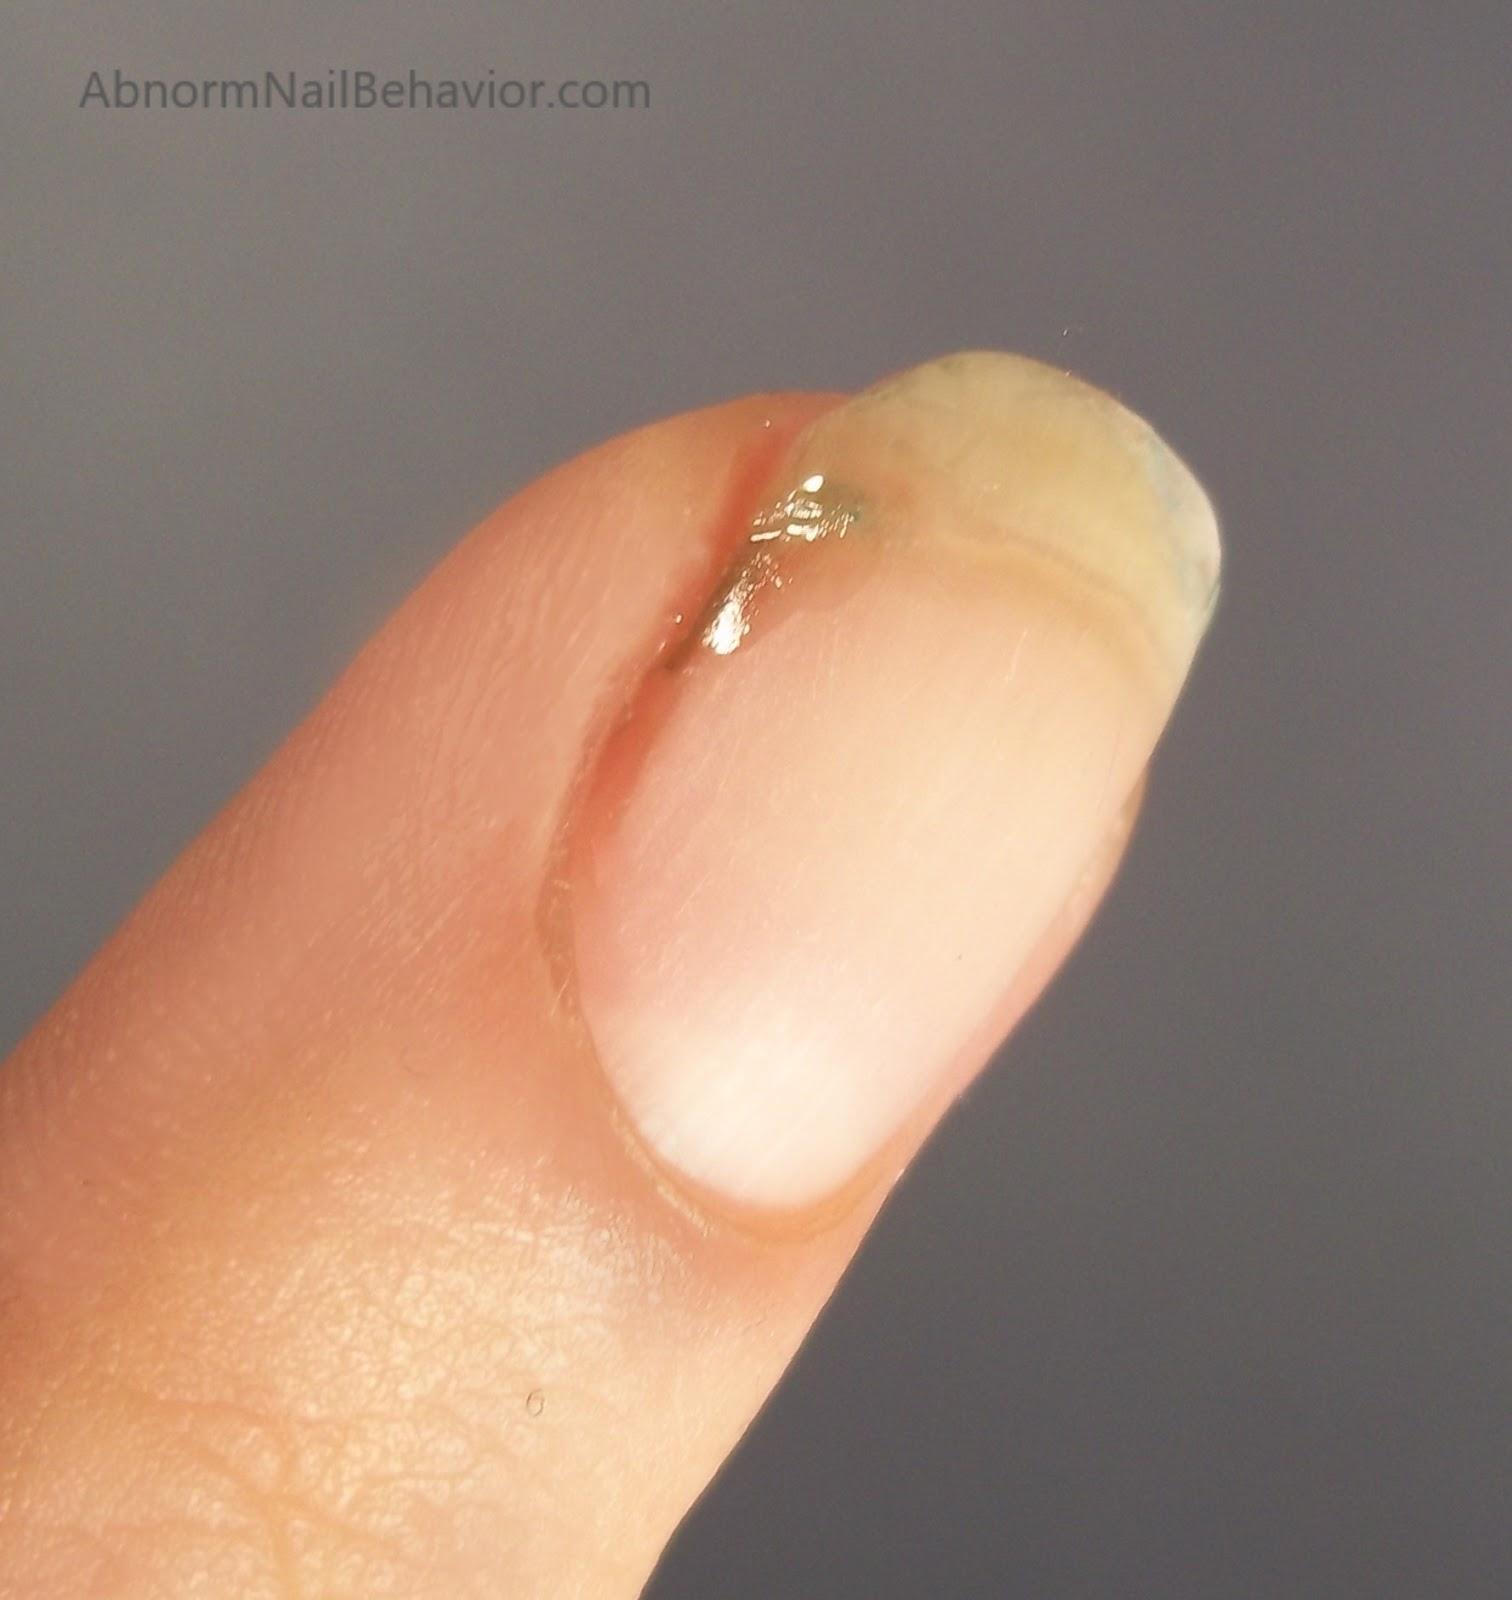 Abnorm Nail Behavior